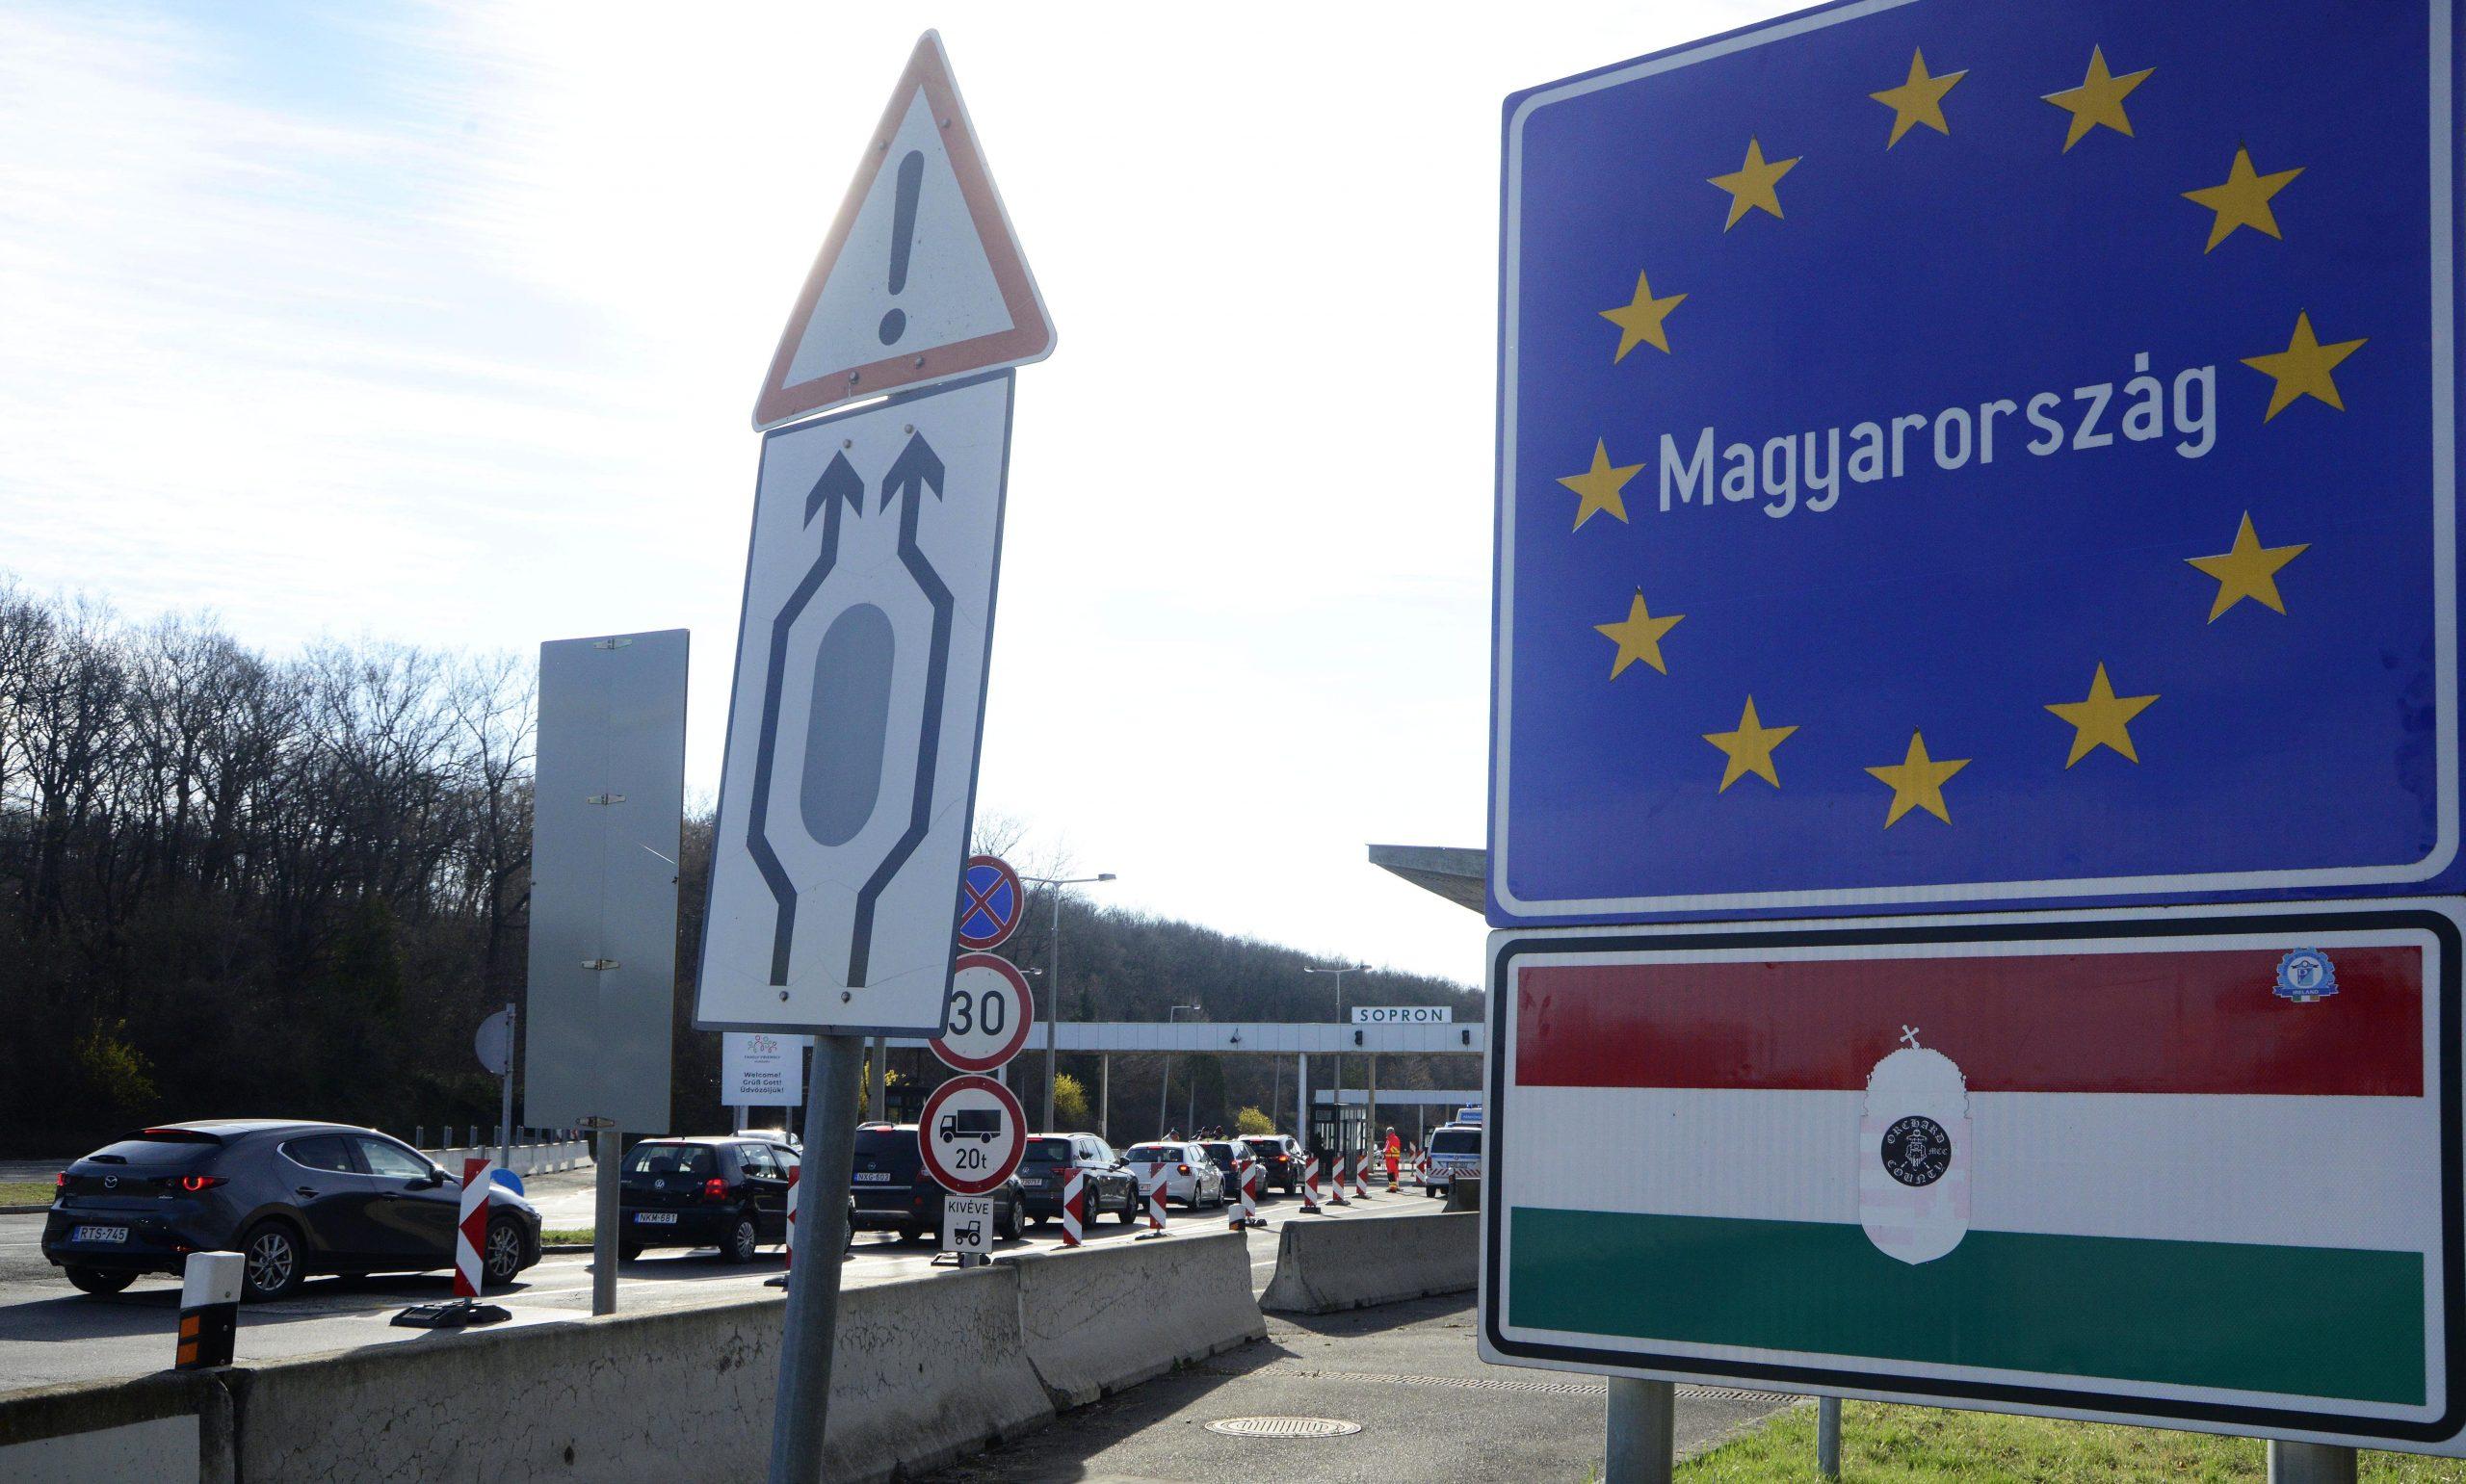 Ungarn schließt bilaterale Vereinbarungen über eine mögliche Einreise von Ausländern